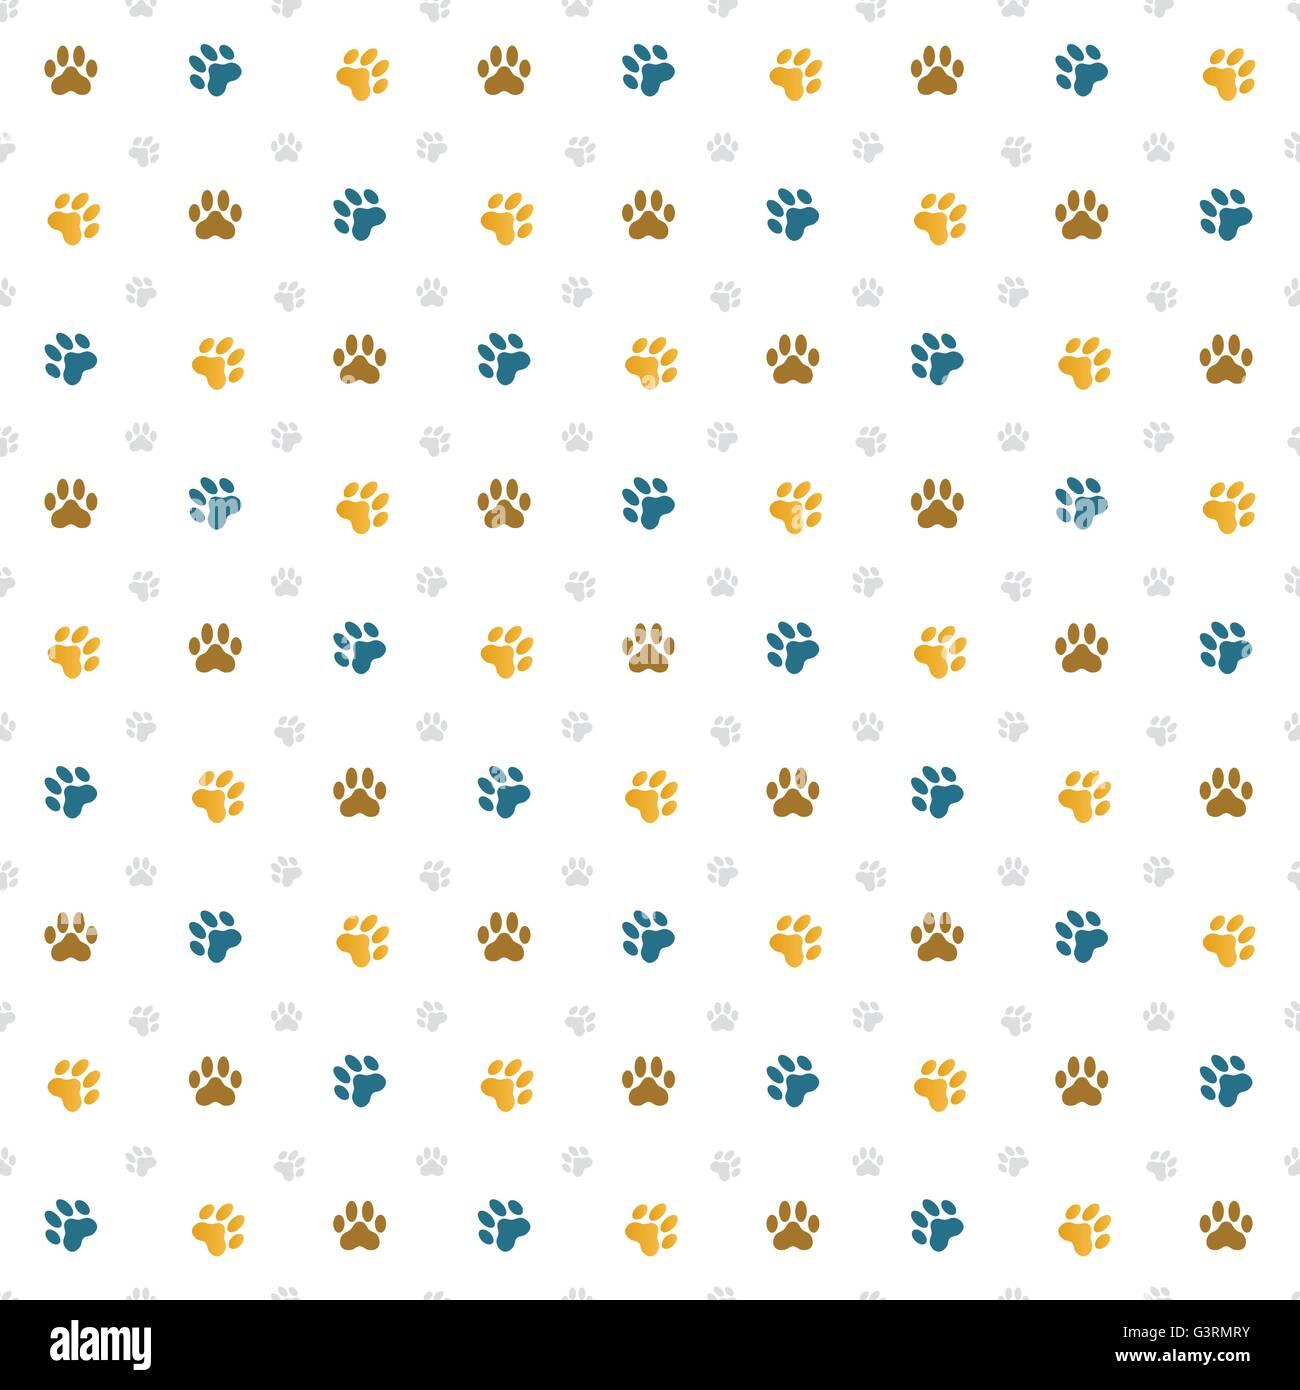 Motif de fond transparente composée d'empreintes de pattes de chat Photo Stock